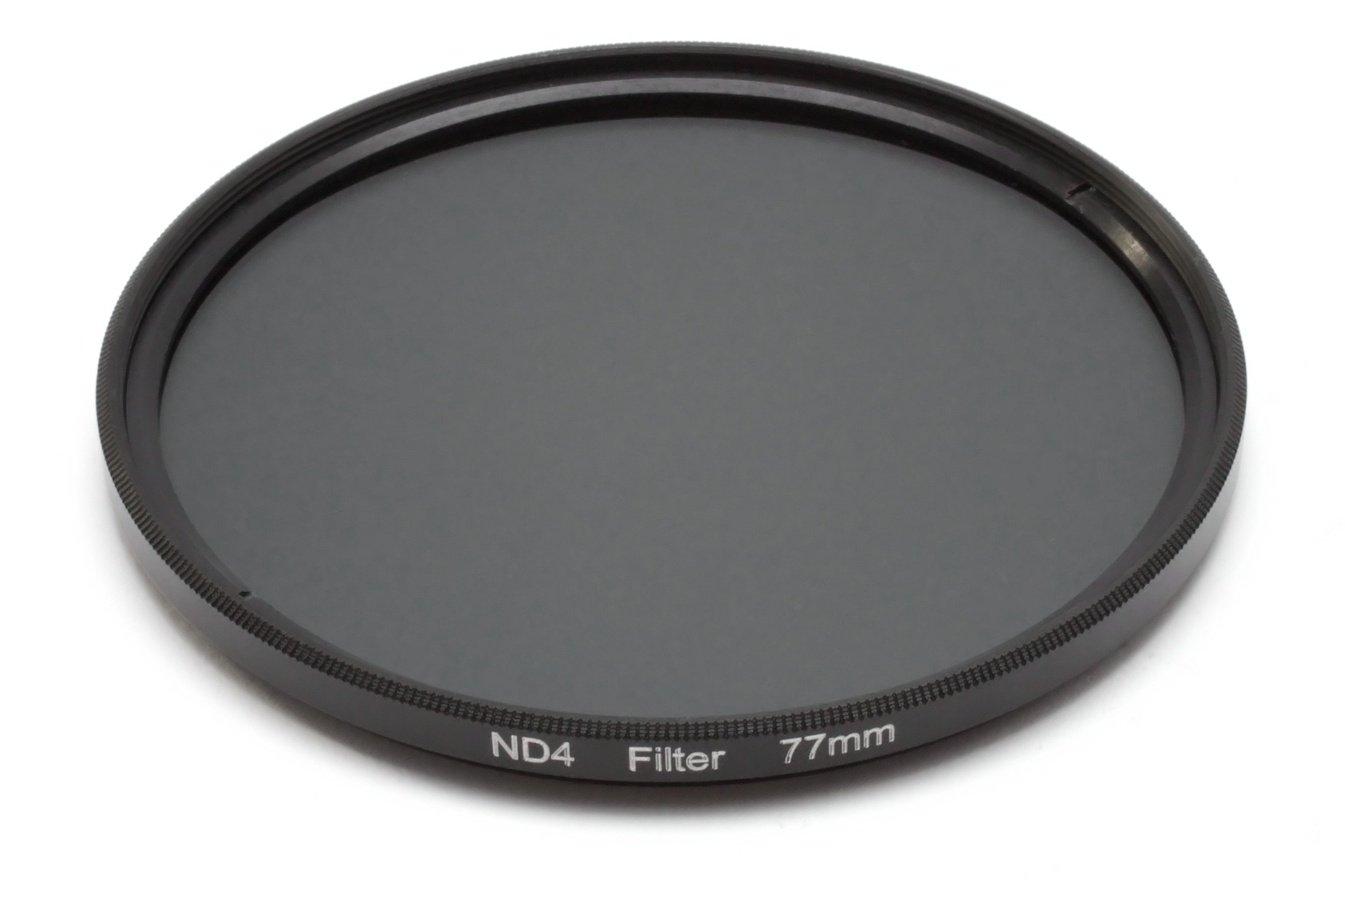 ROKO ND 0.6 Filter 77mm / ND4 / Neutral Density zum Einschrauben.